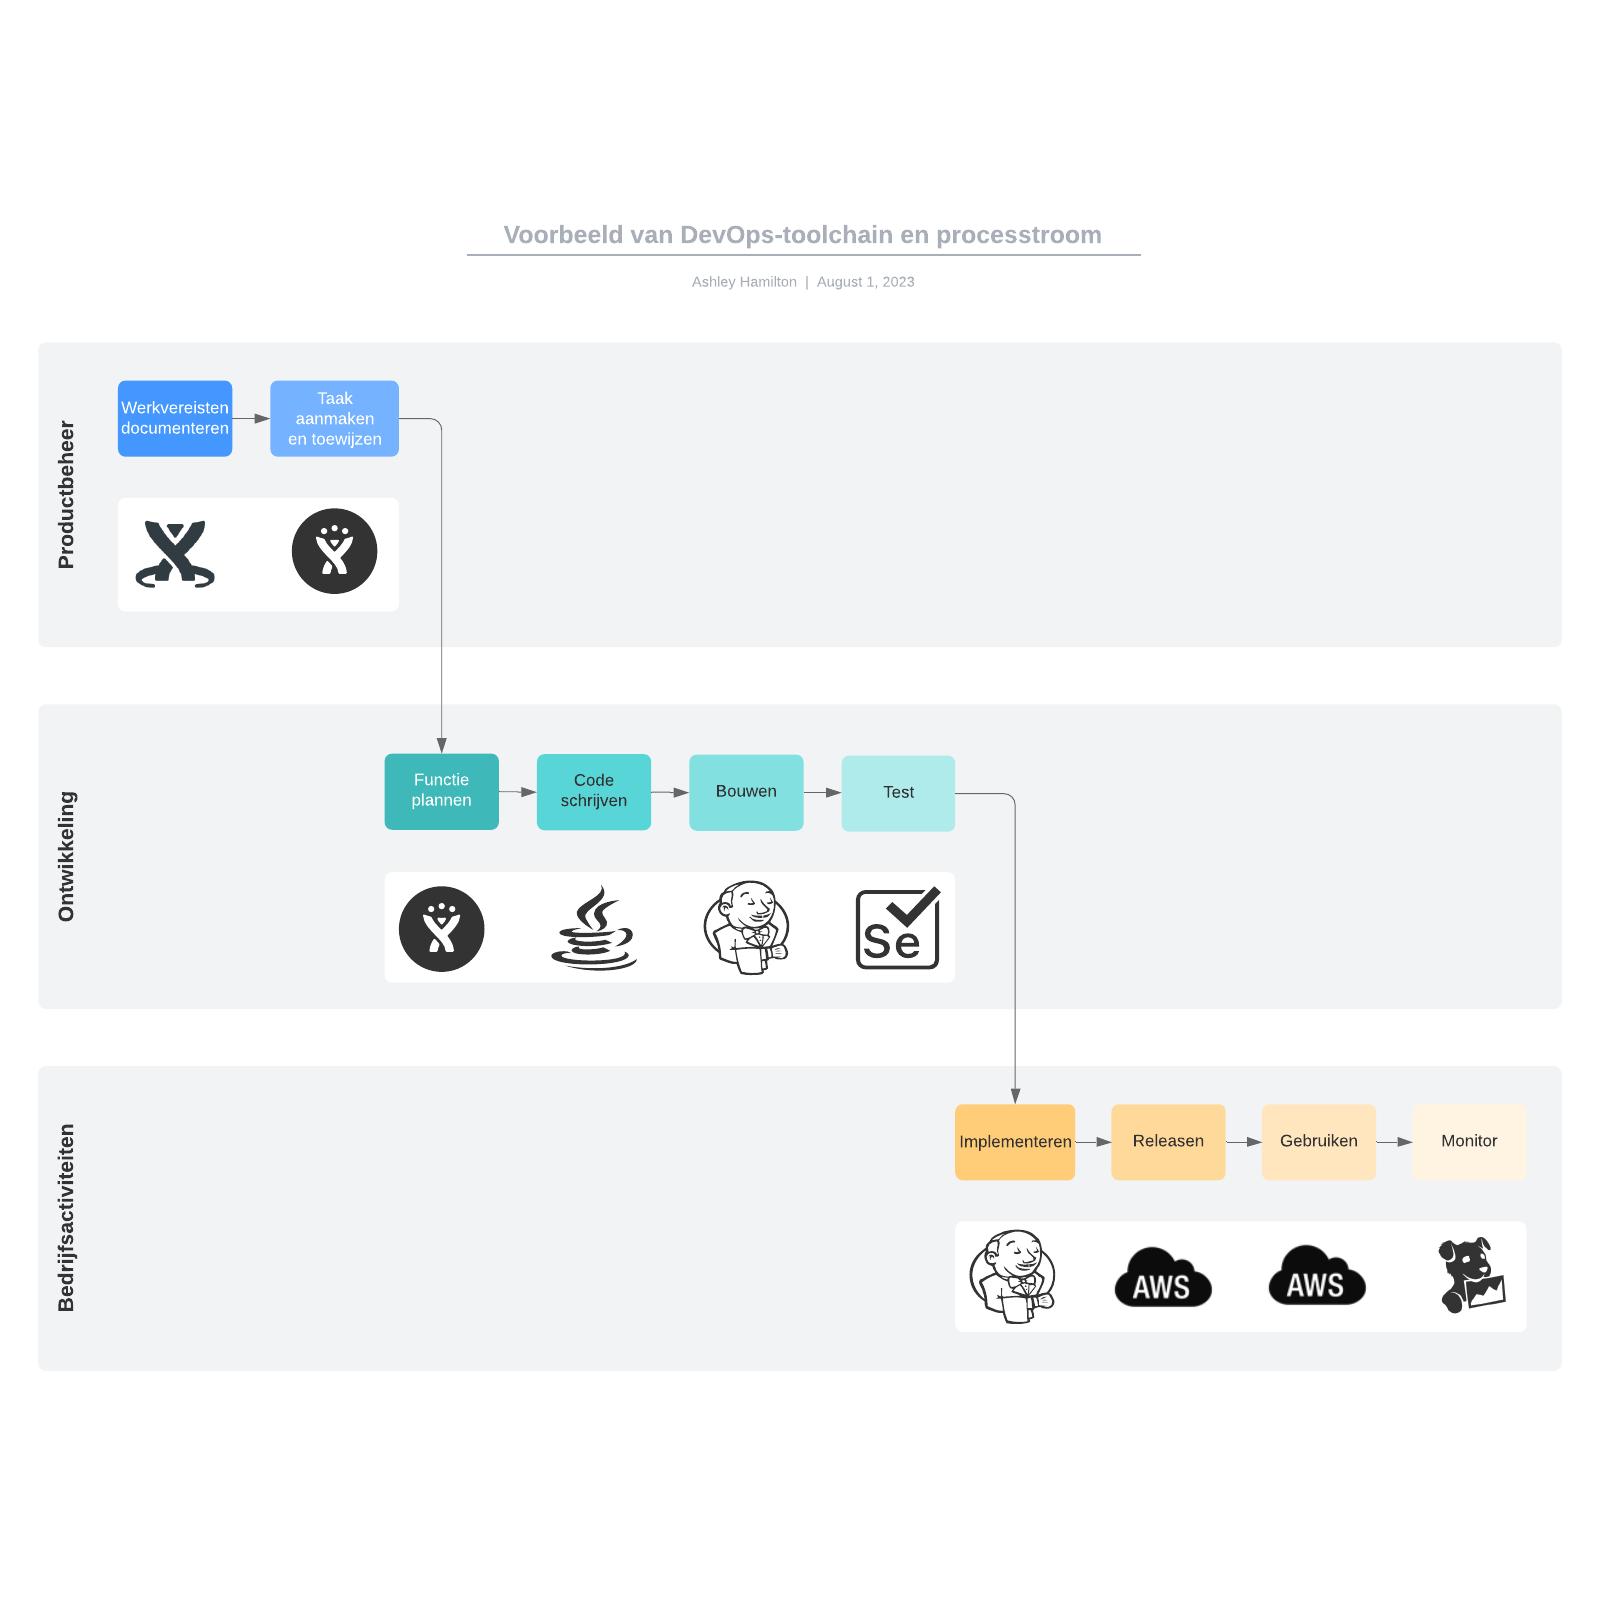 Voorbeeld van DevOps-toolchain en processtroom